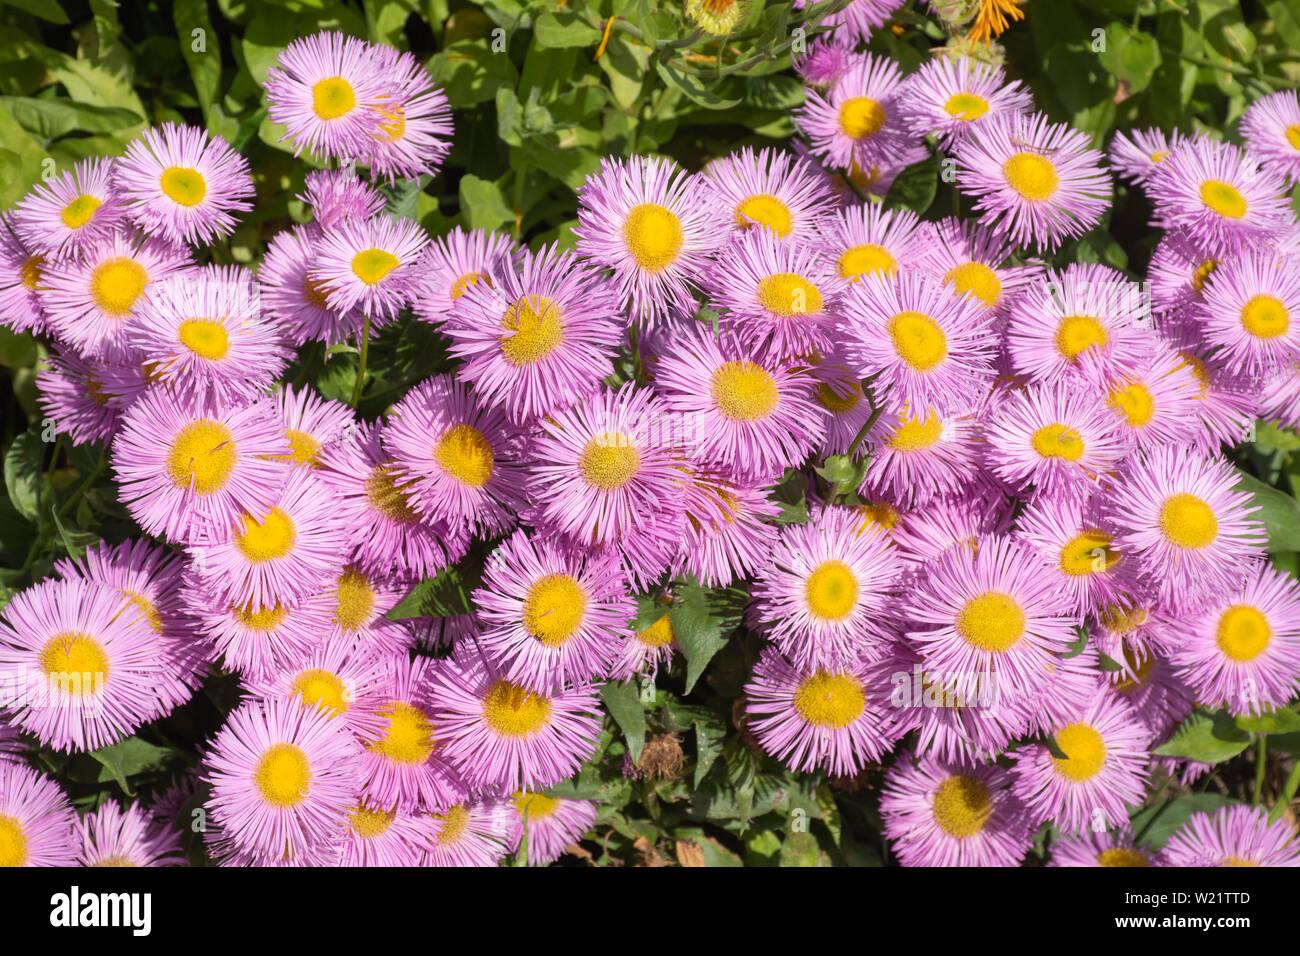 pink-daisy-flowers-W21TTD.jpg